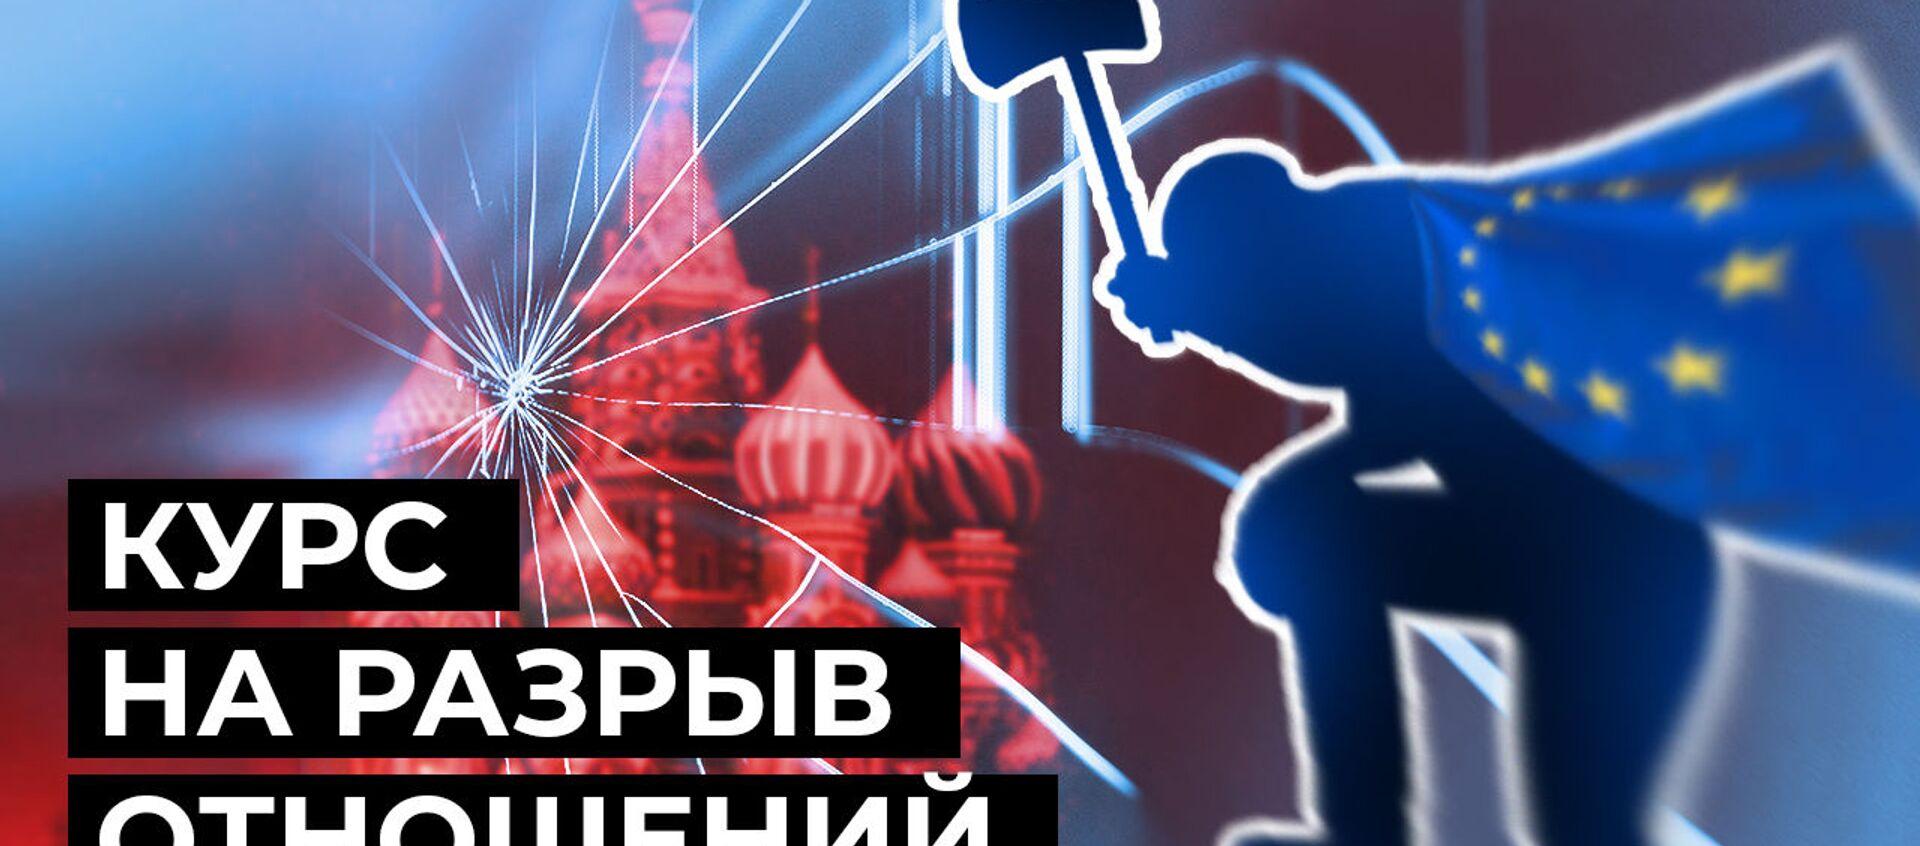 Новые санкции против России: как Евросоюз разрушает отношения с Москвой - Sputnik Южная Осетия, 1920, 17.02.2021